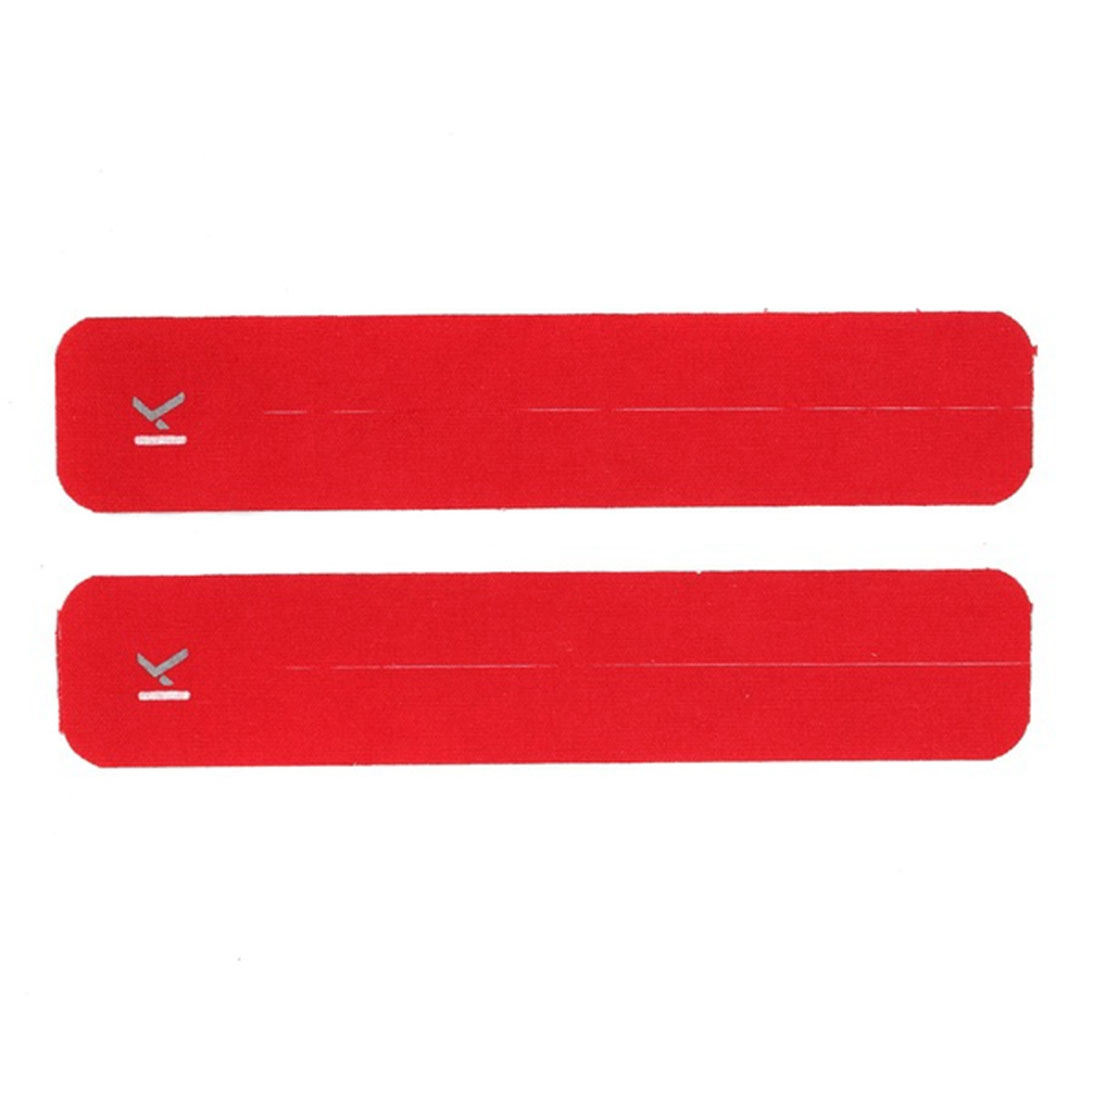 АКЦИЯ! KT Ленты Pro Синтетический Кинезиологии Эластичная Лента Спортивных-Боли и Поддержка Красный